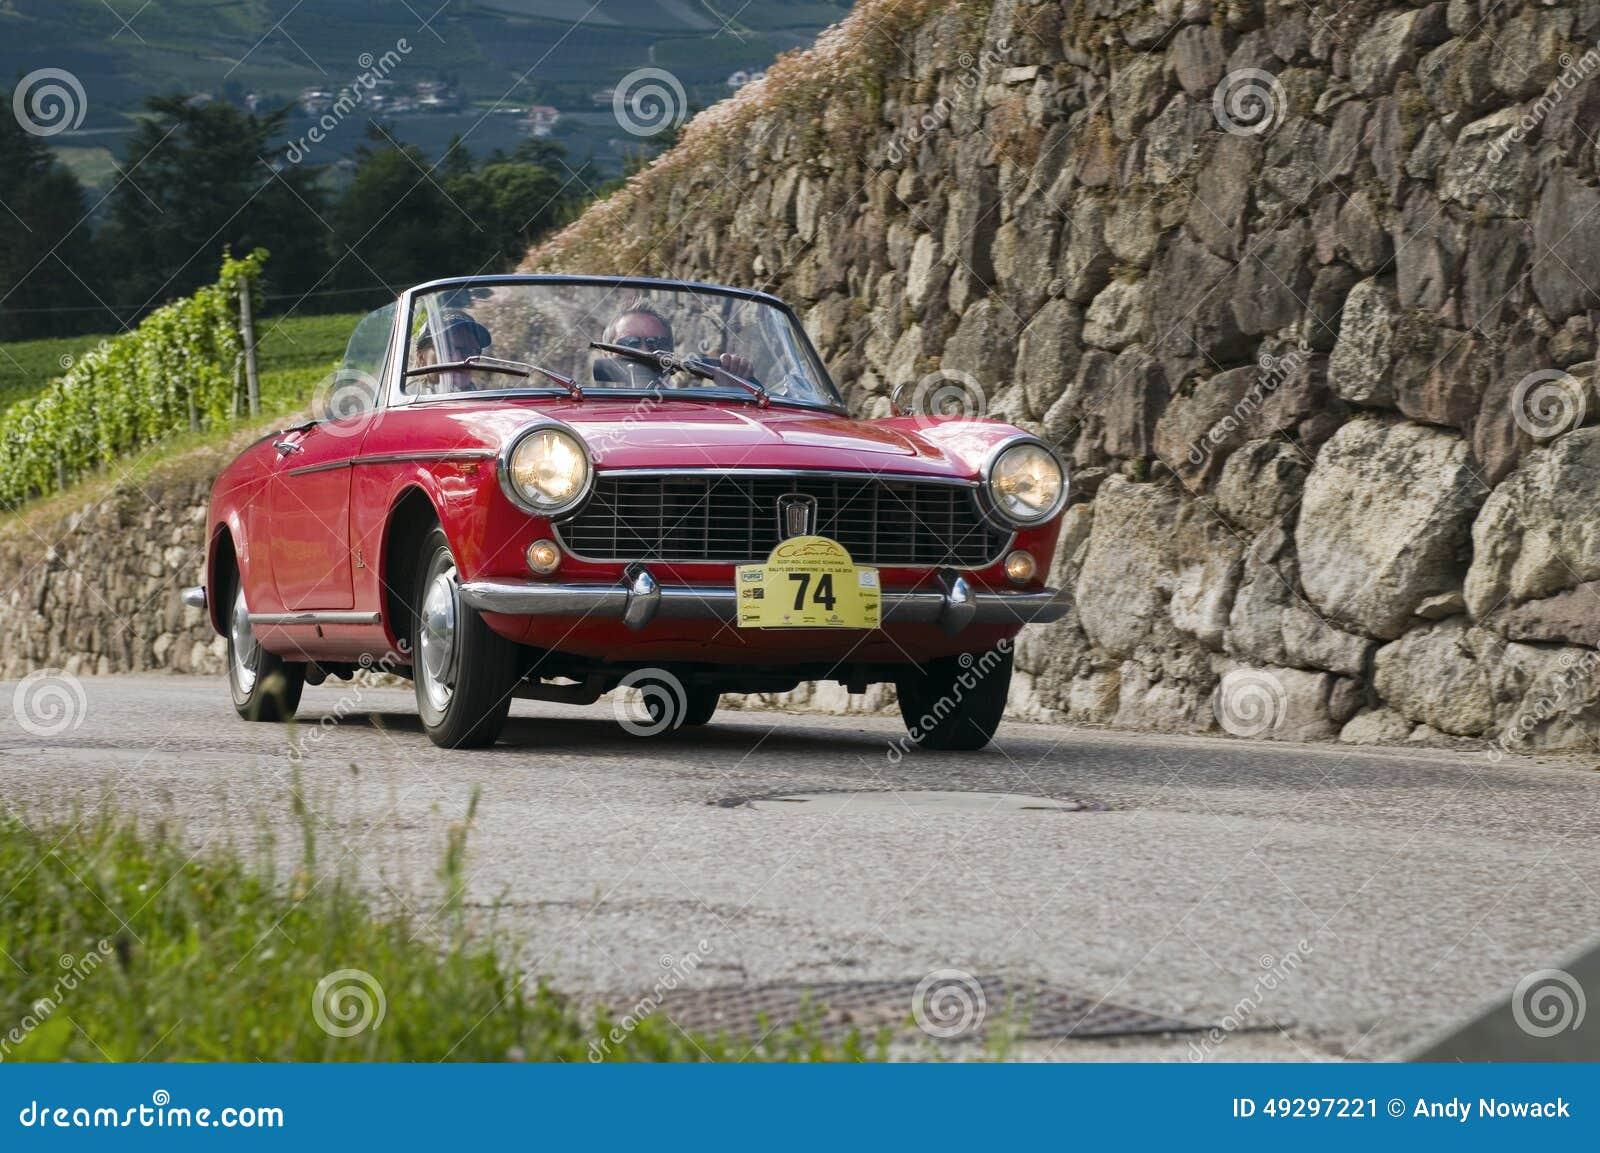 Aranha clássica sul de Tirol cars_2014_FIAT Pinifarina 1500